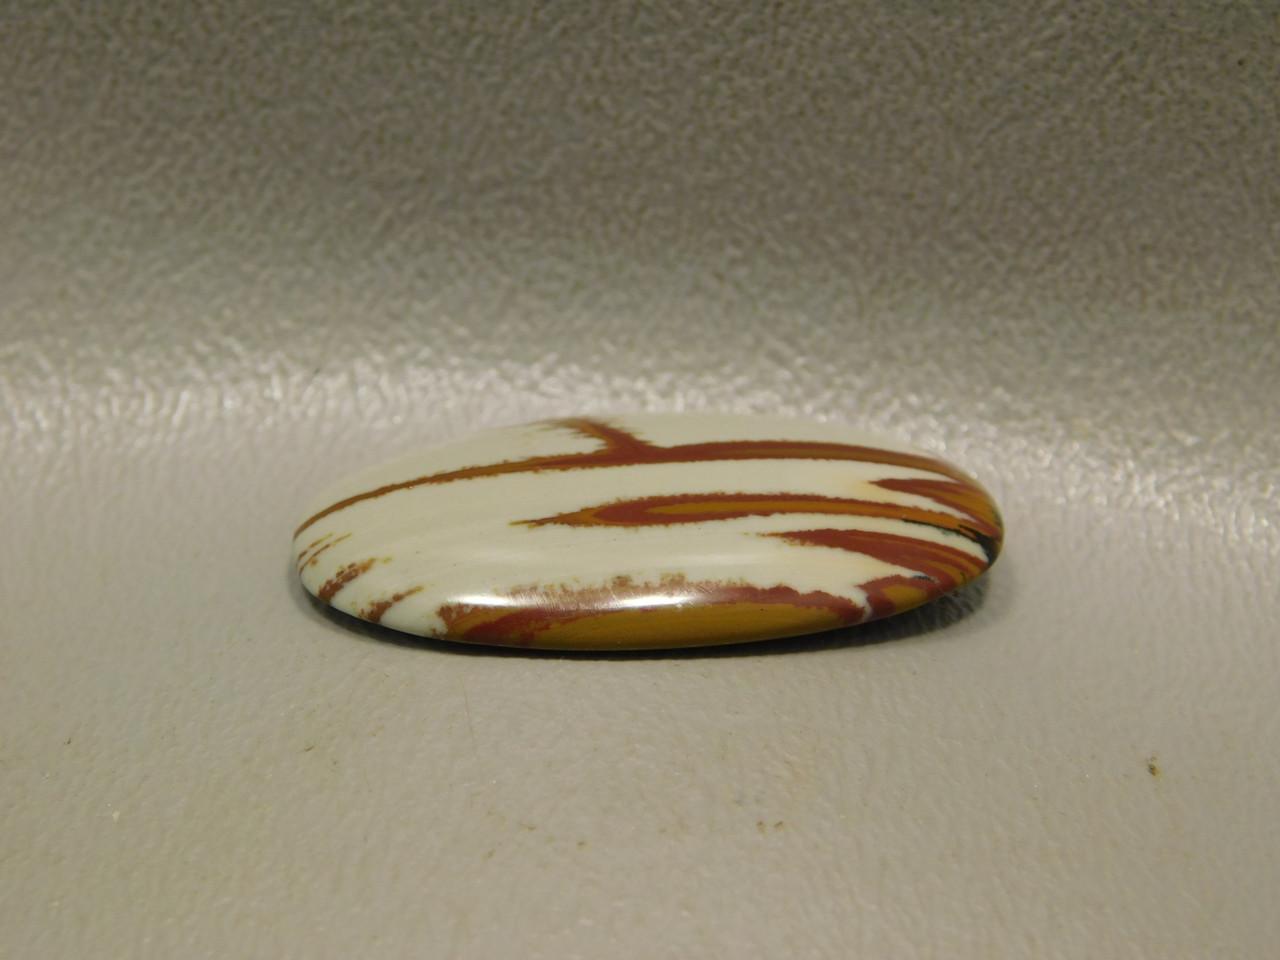 Stone Cabochon Oval Rare Red Scenic Owyhee Jasper #20